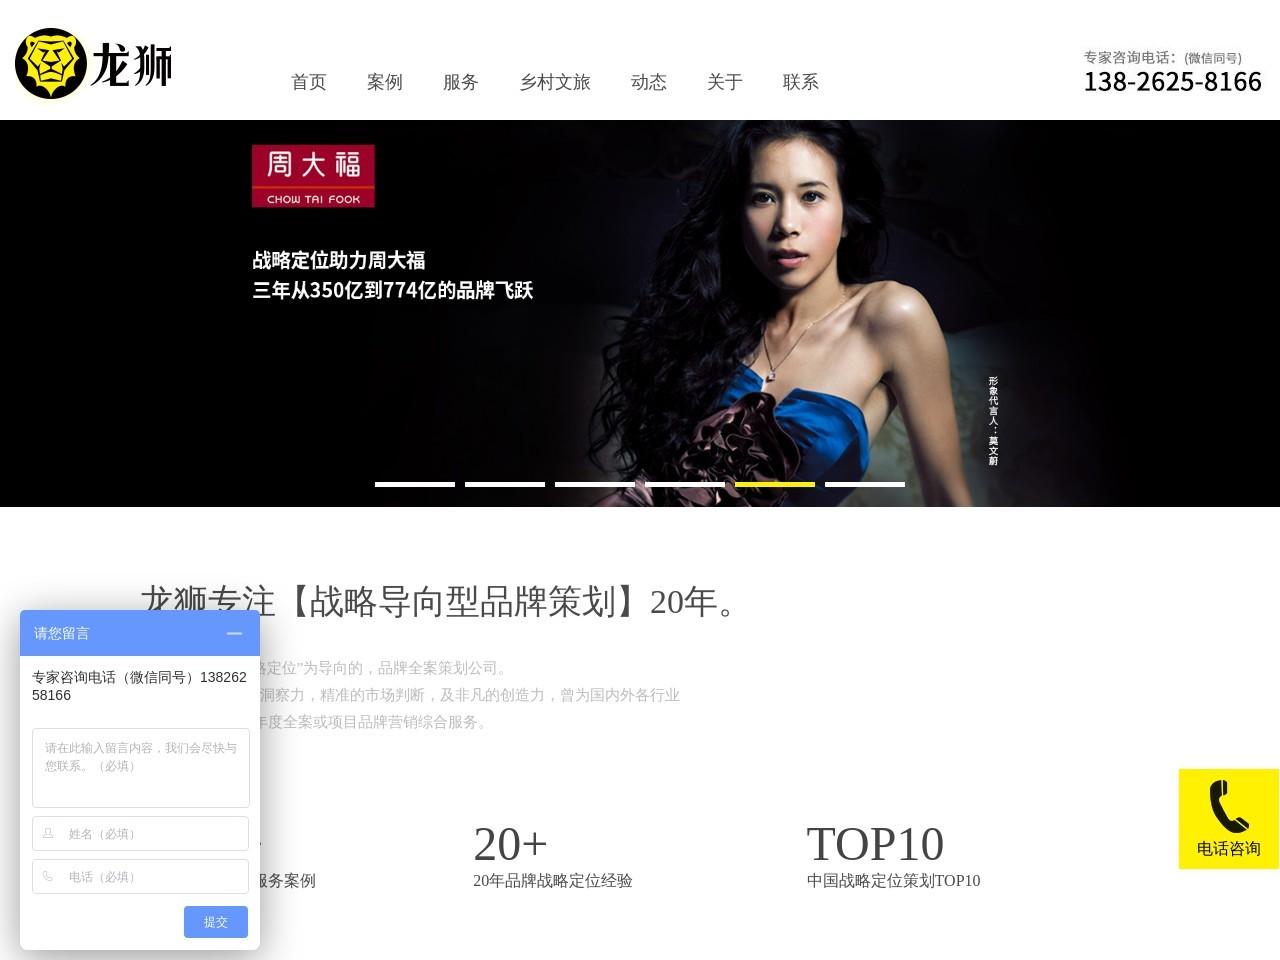 品牌策划 - 品牌营销、营销策划、品牌战略咨询、广州龙狮品牌策划公司